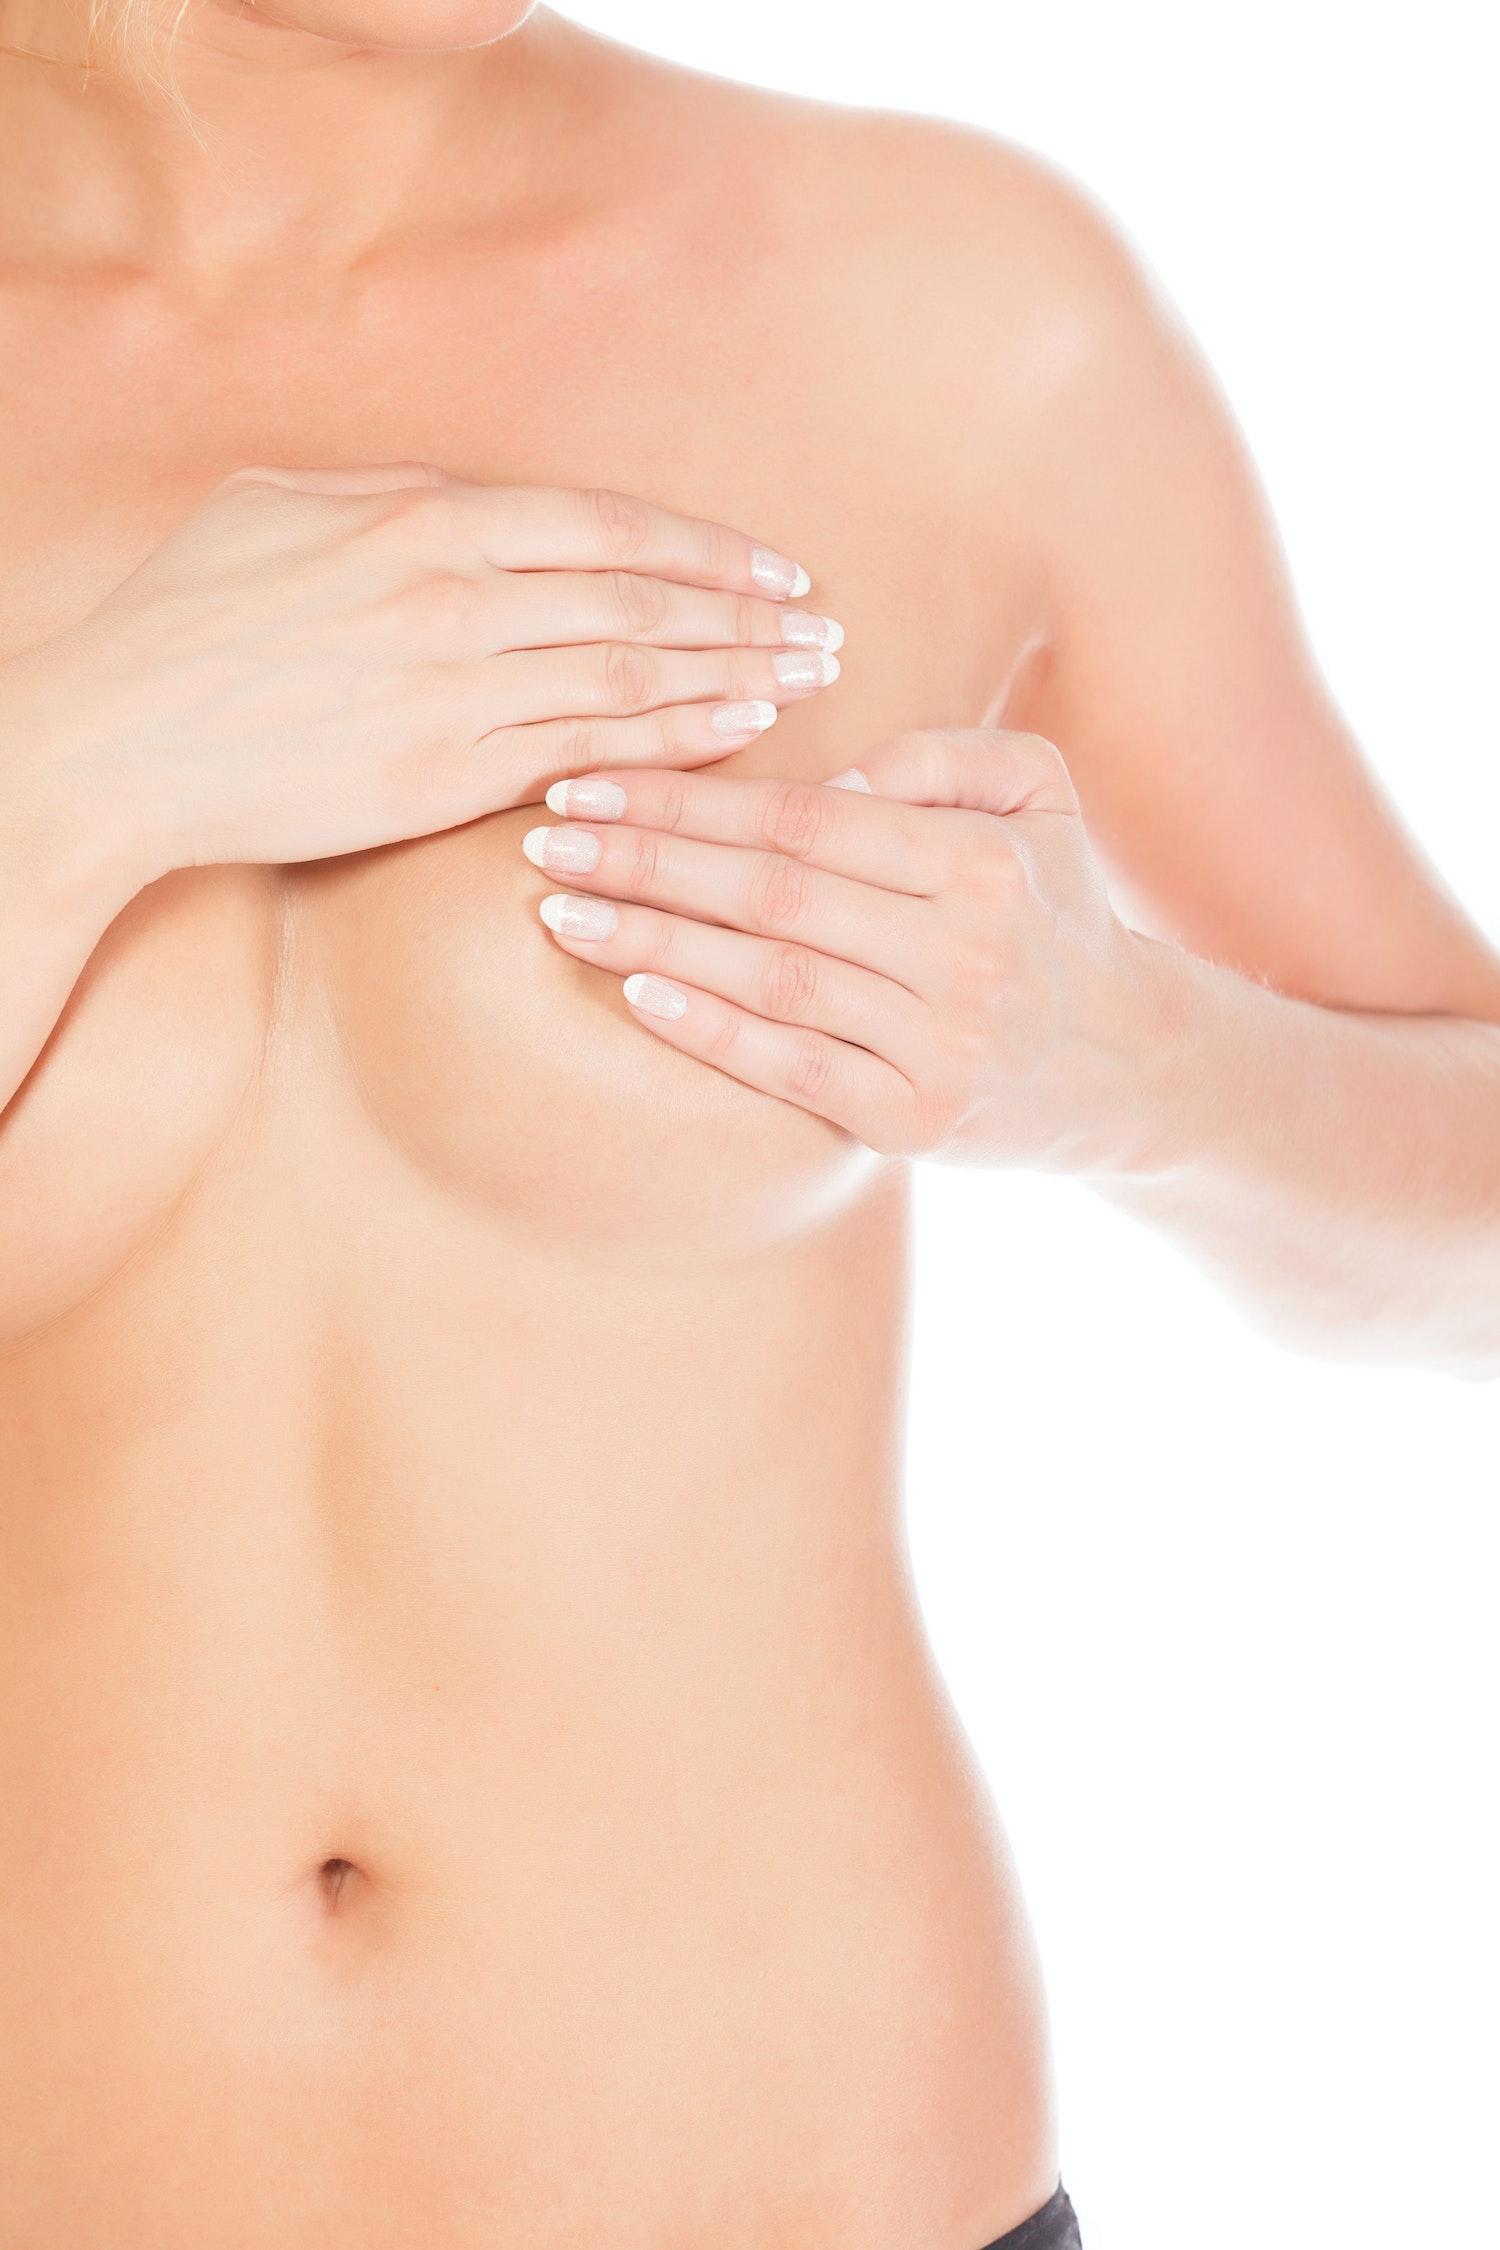 större bröst klimakteriet